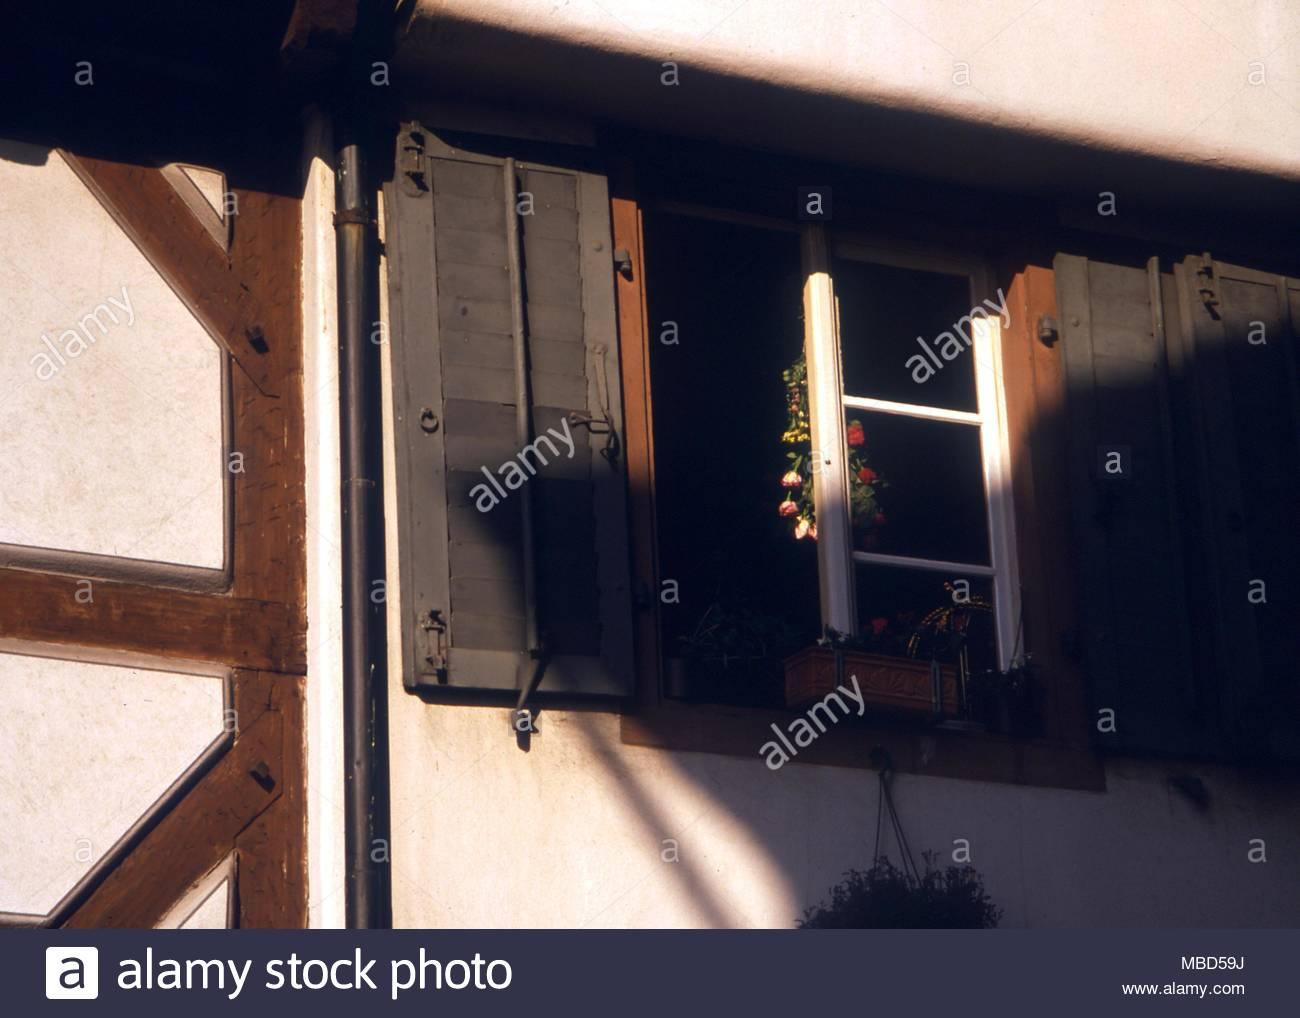 Full Size of Fenster Welten Bei Channel21 Gmbh Bewertung Fensterwelten 24 Konfigurator Frankfurt Oder Channel Fenster Welten Gmbh (oder) Erfahrungen Polnische Schallschutz Fenster Fenster Welten